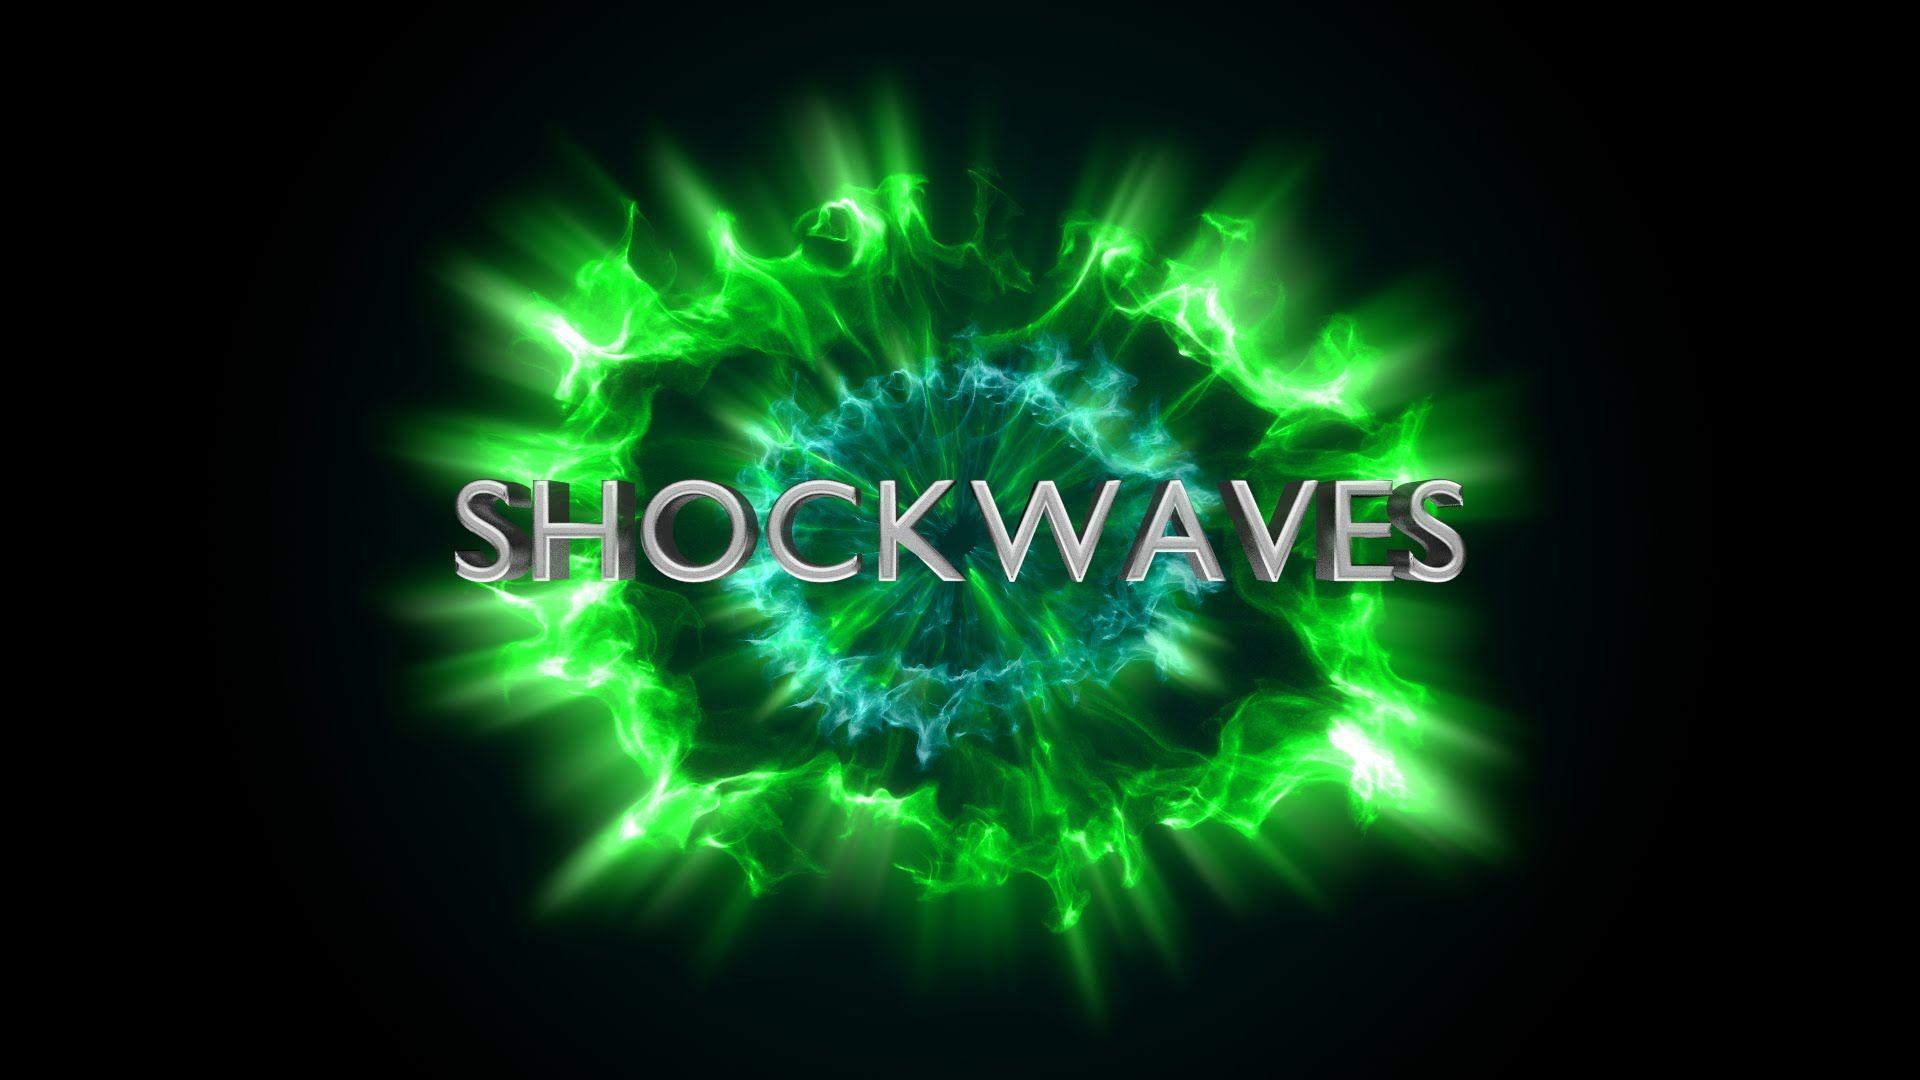 How To Use Video Copilot Shockwaves In Blender | Blender 3D